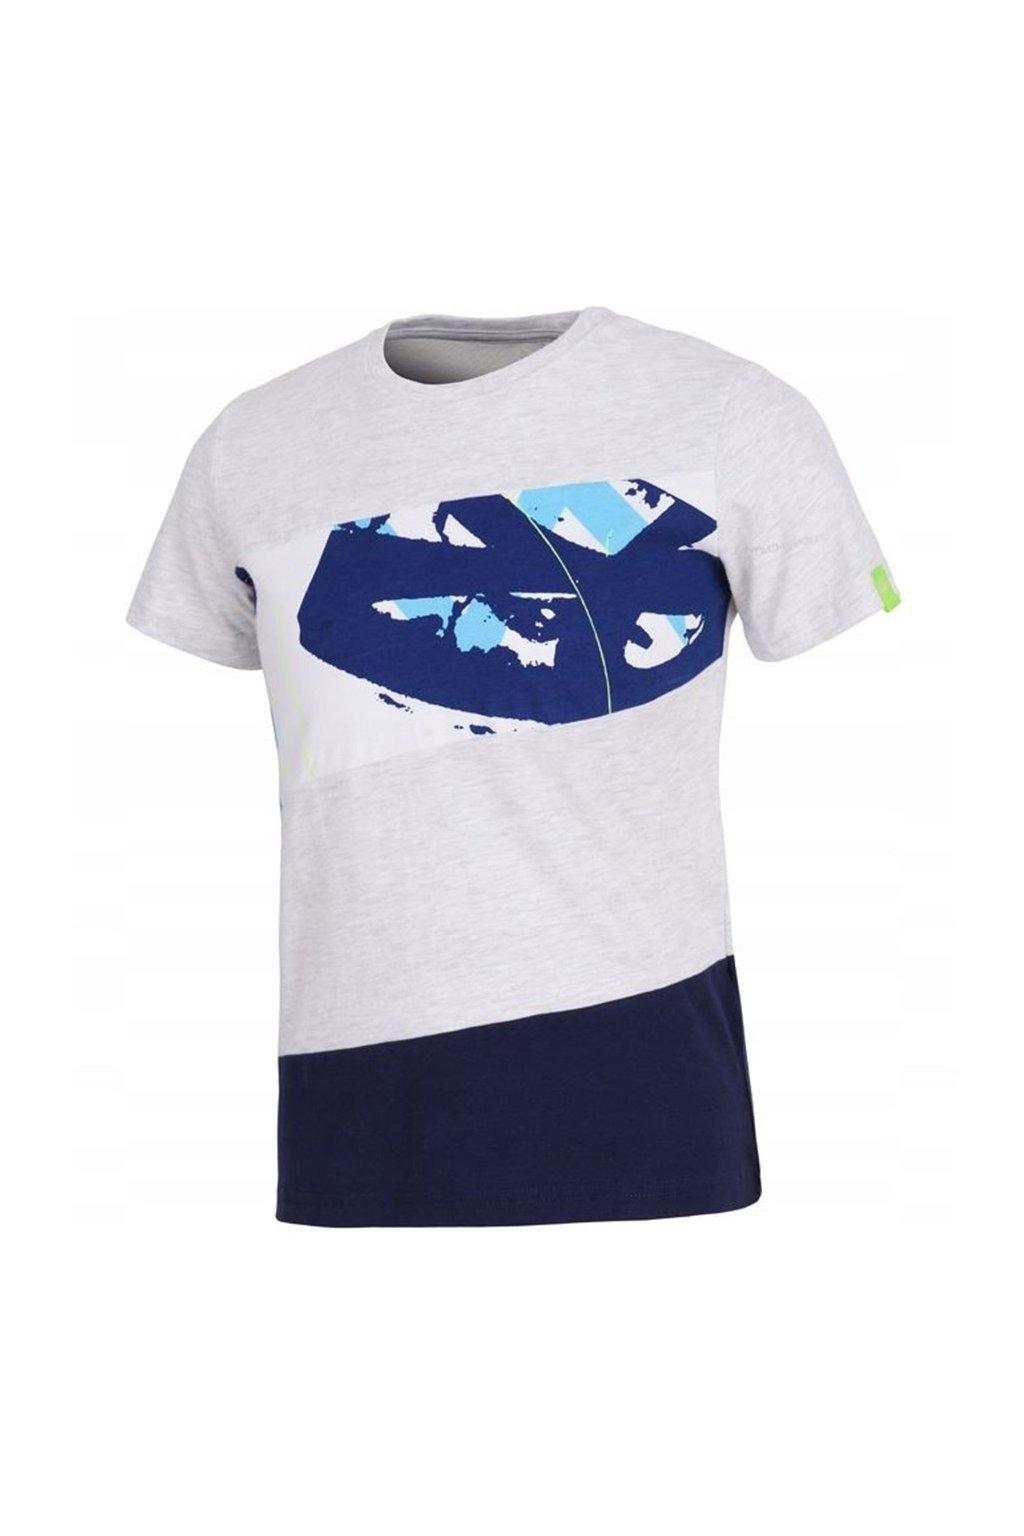 Chlapčenské tričko 4F sivé HJL20 JTSM010 25M